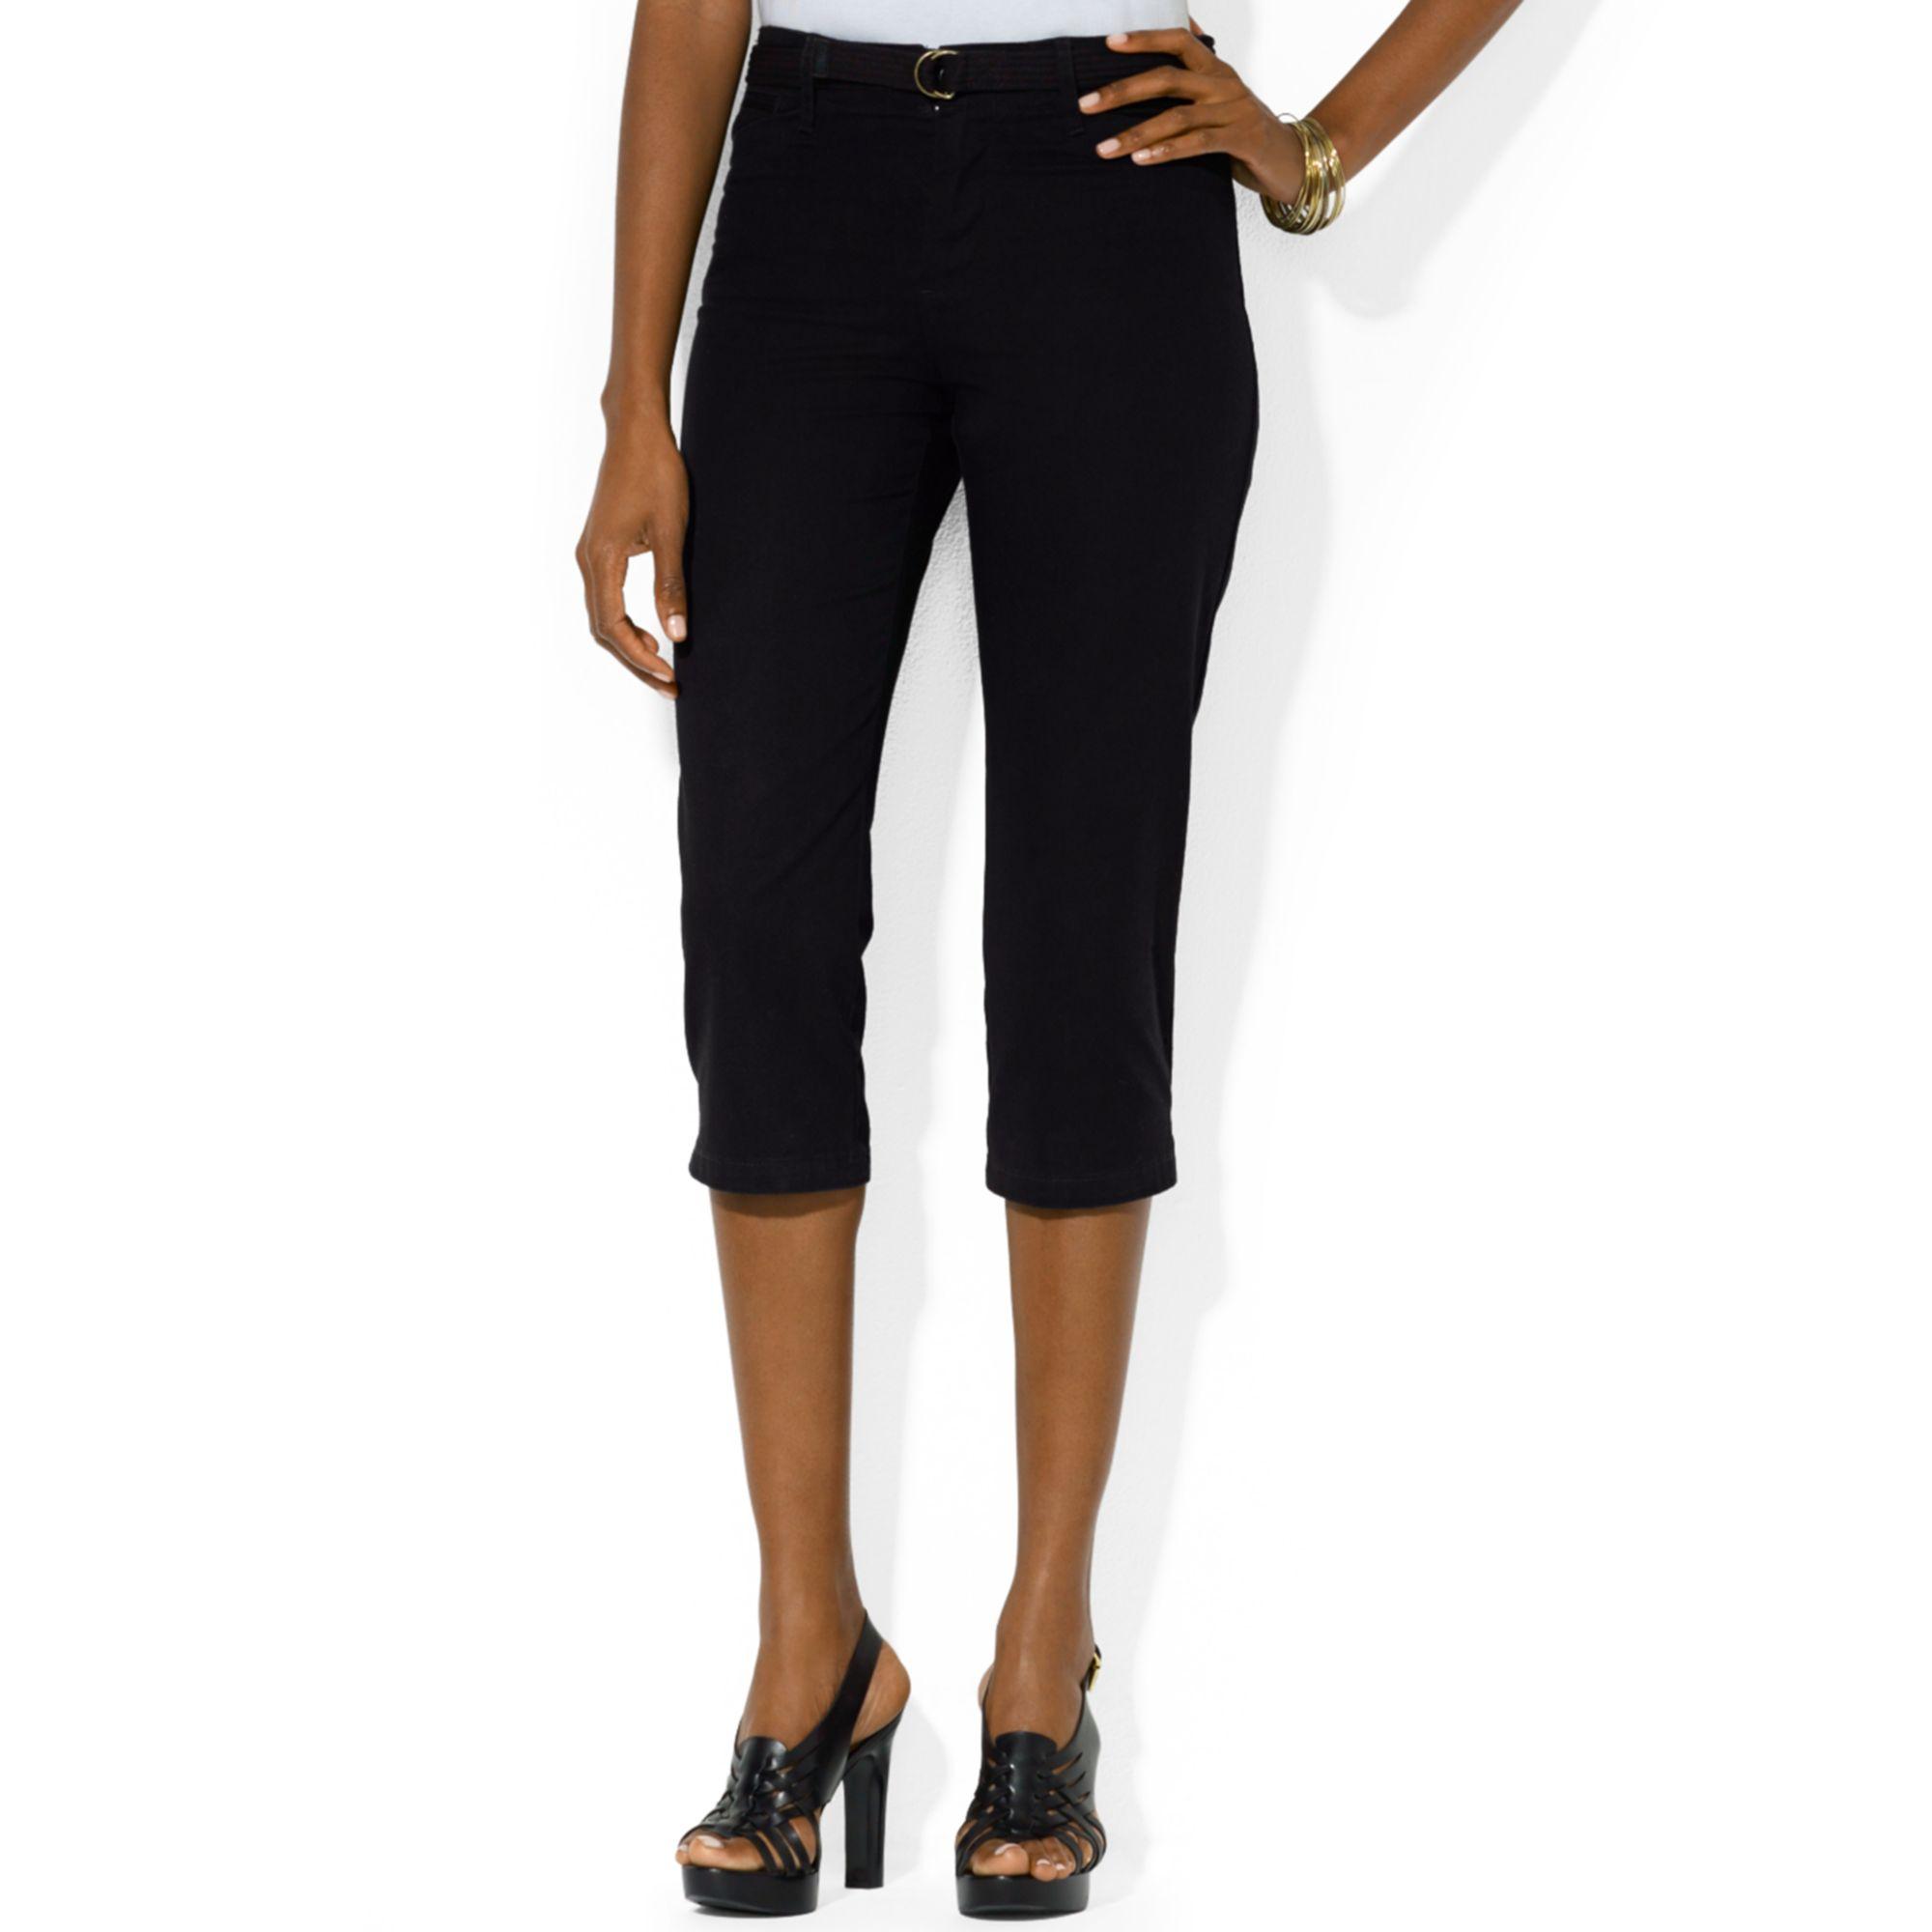 Petite Black Capri Pants   Gpant